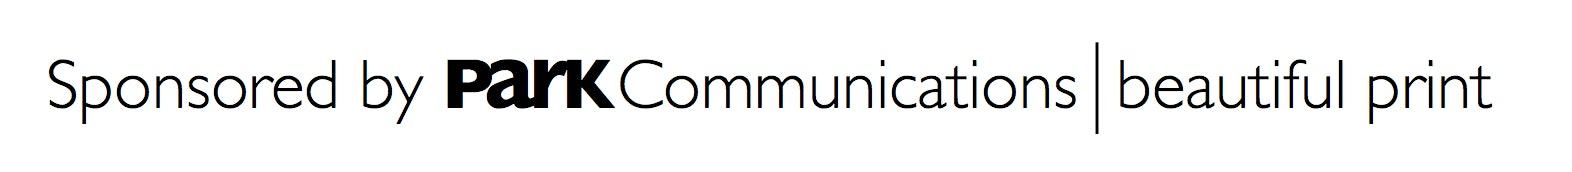 park-communications